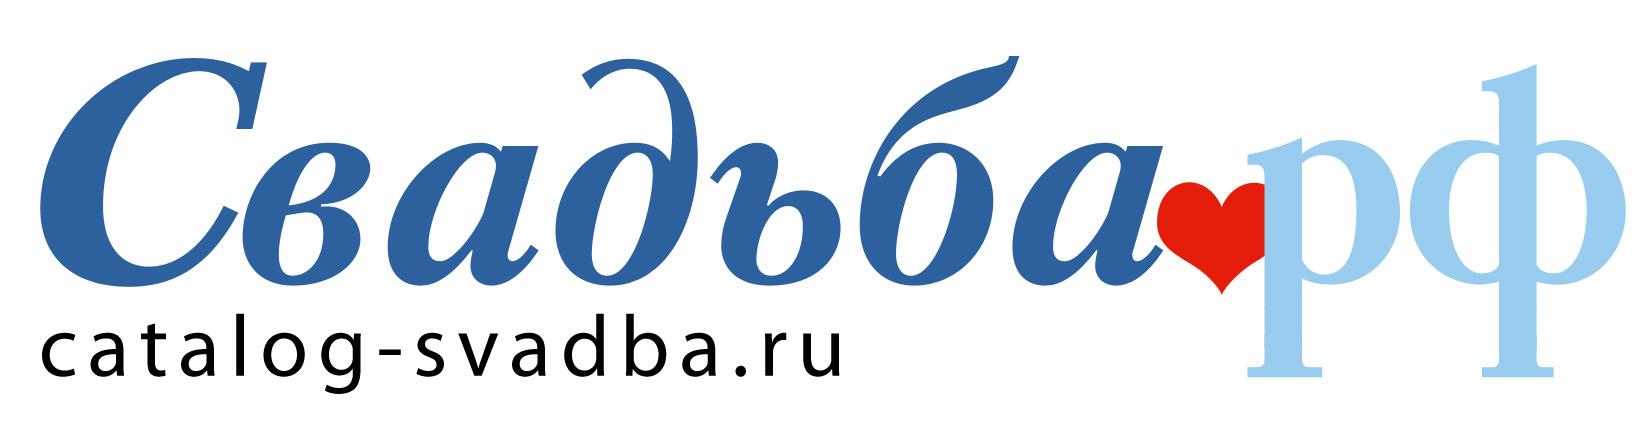 logo-svadbarf-n-www2